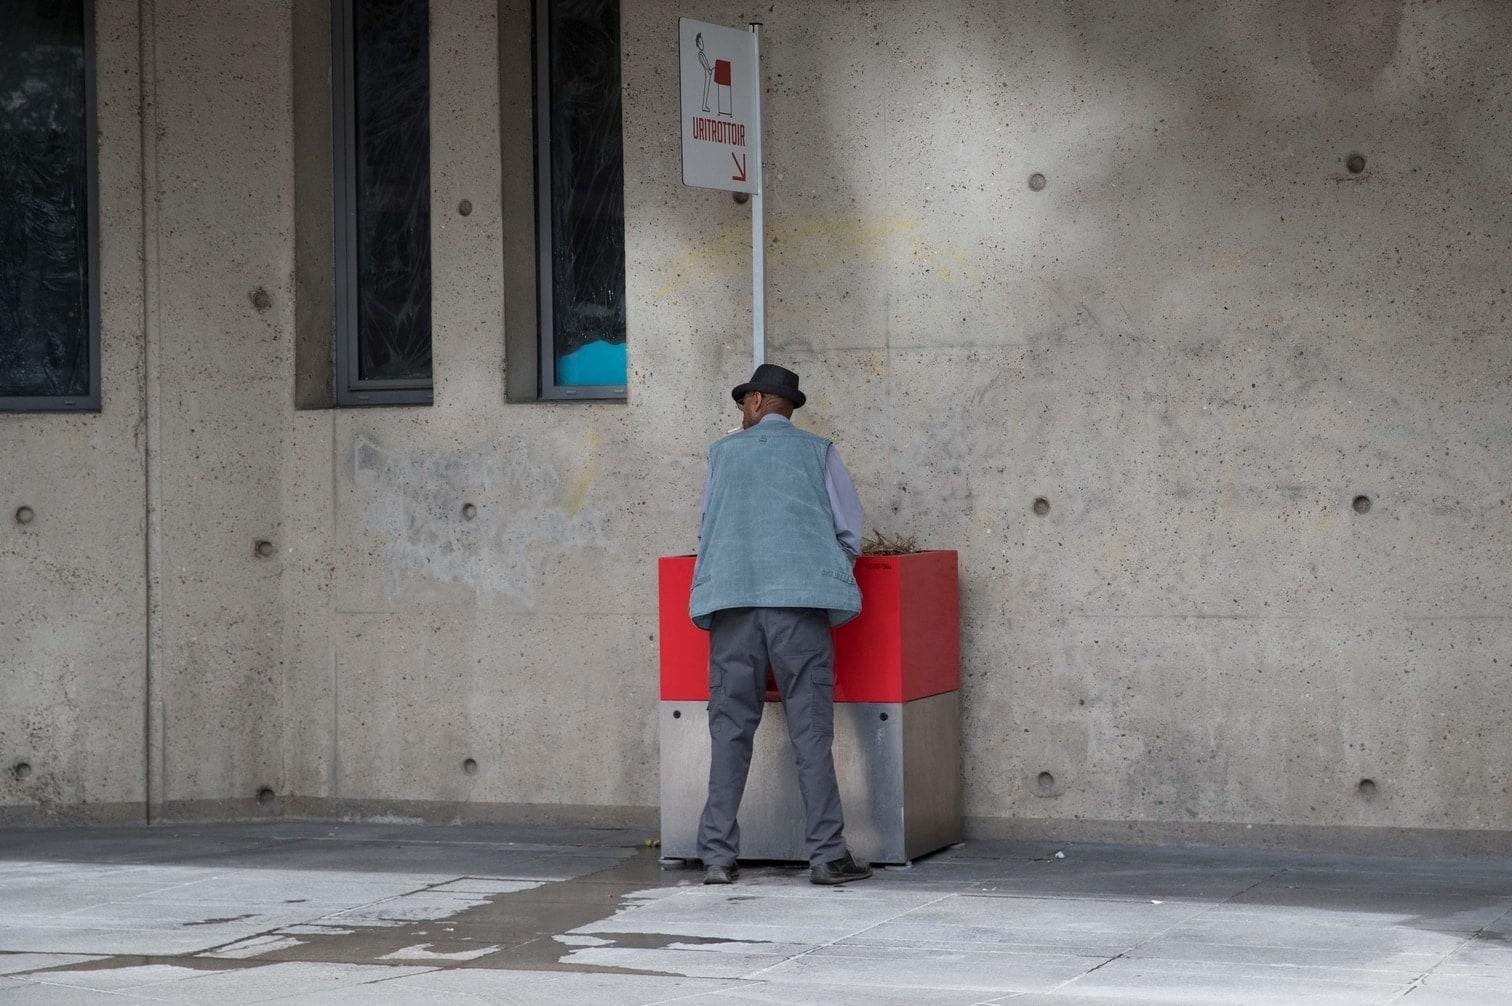 <p>In Paris dürfen sich Männer nun ganz legal an öffentlichen Orten erleichtern.</p> Foto: AFP